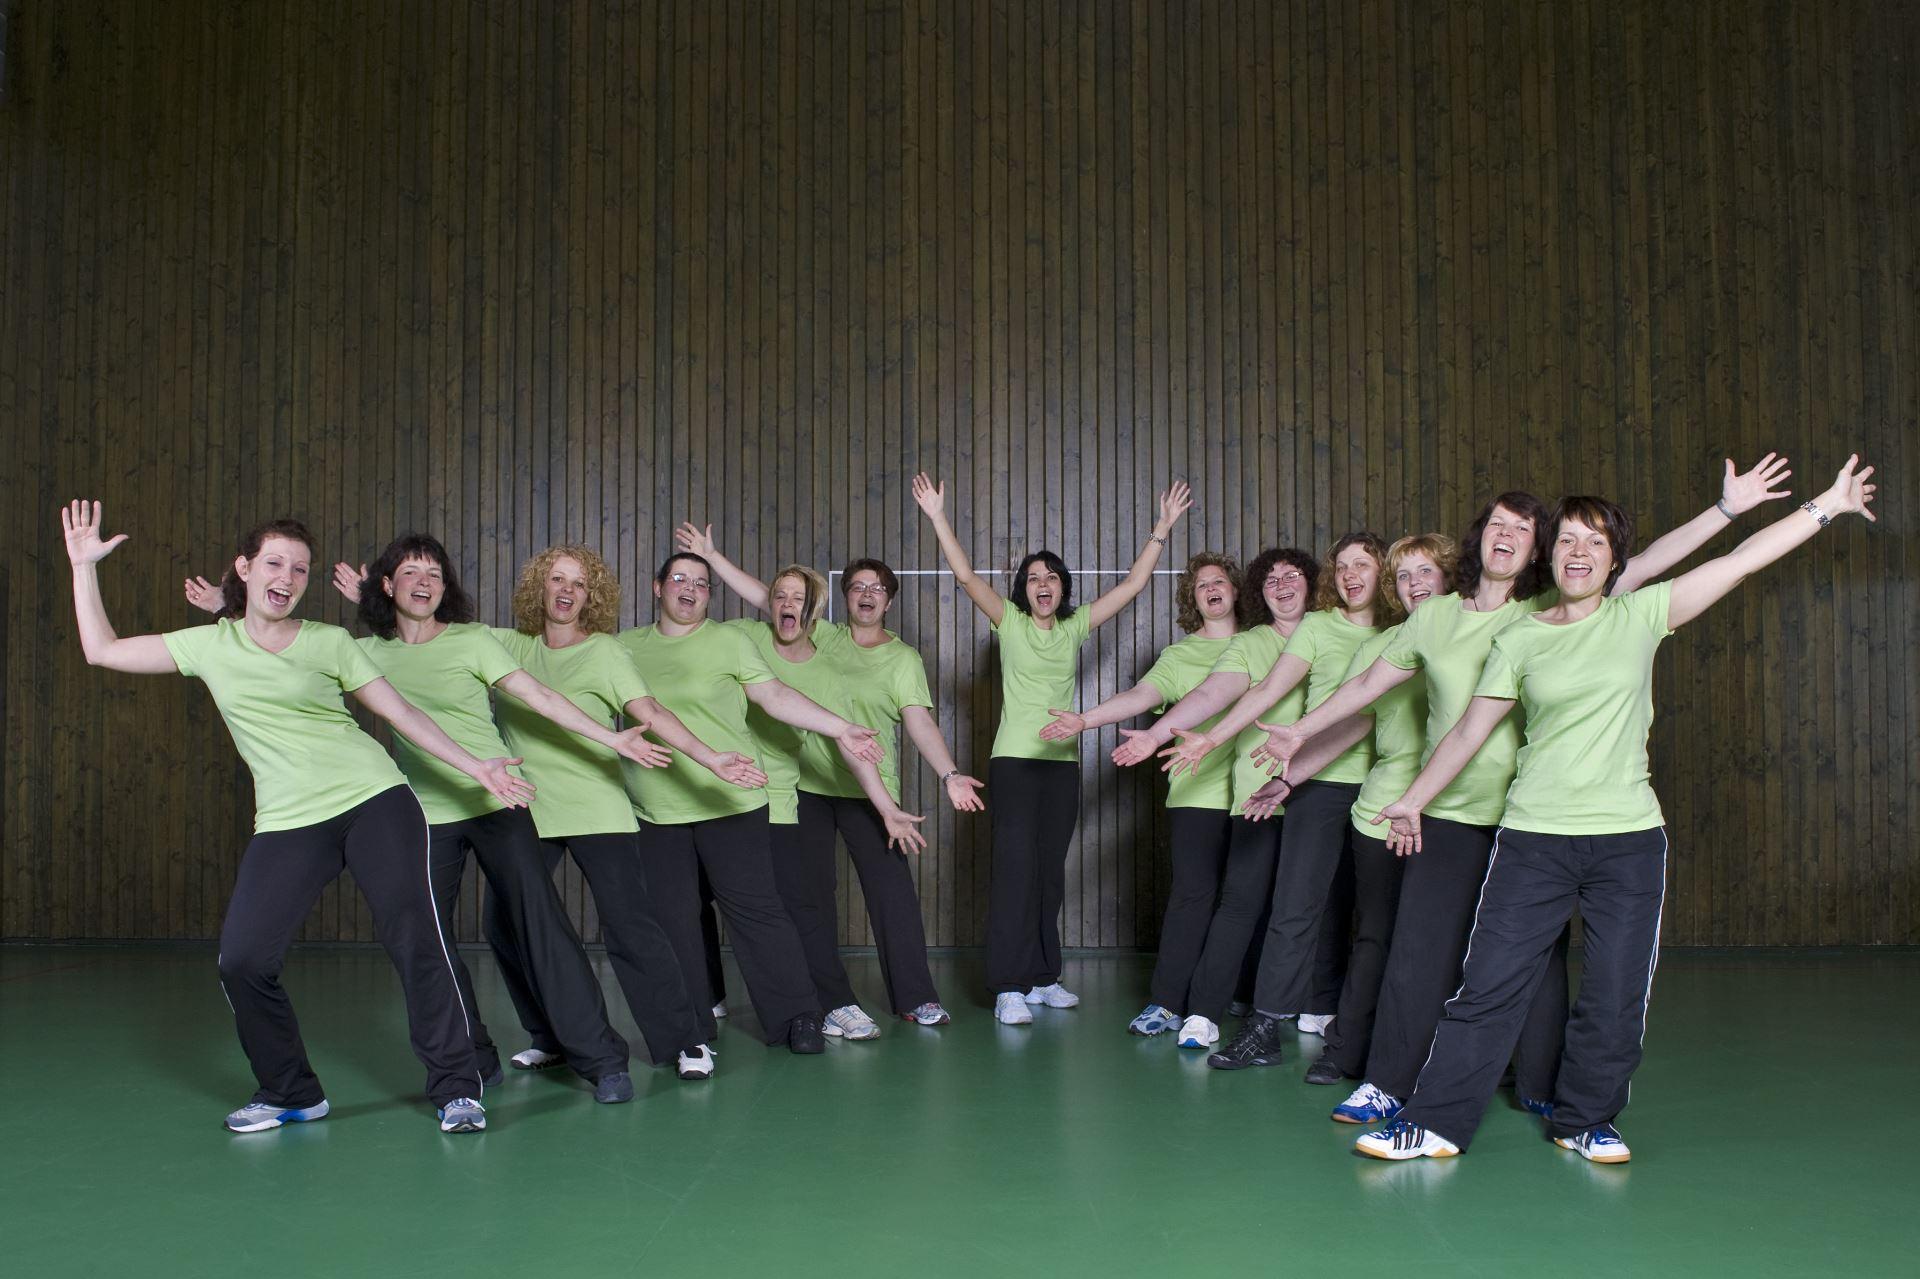 Donnerstagsgruppe im Jahr 2010 (02)